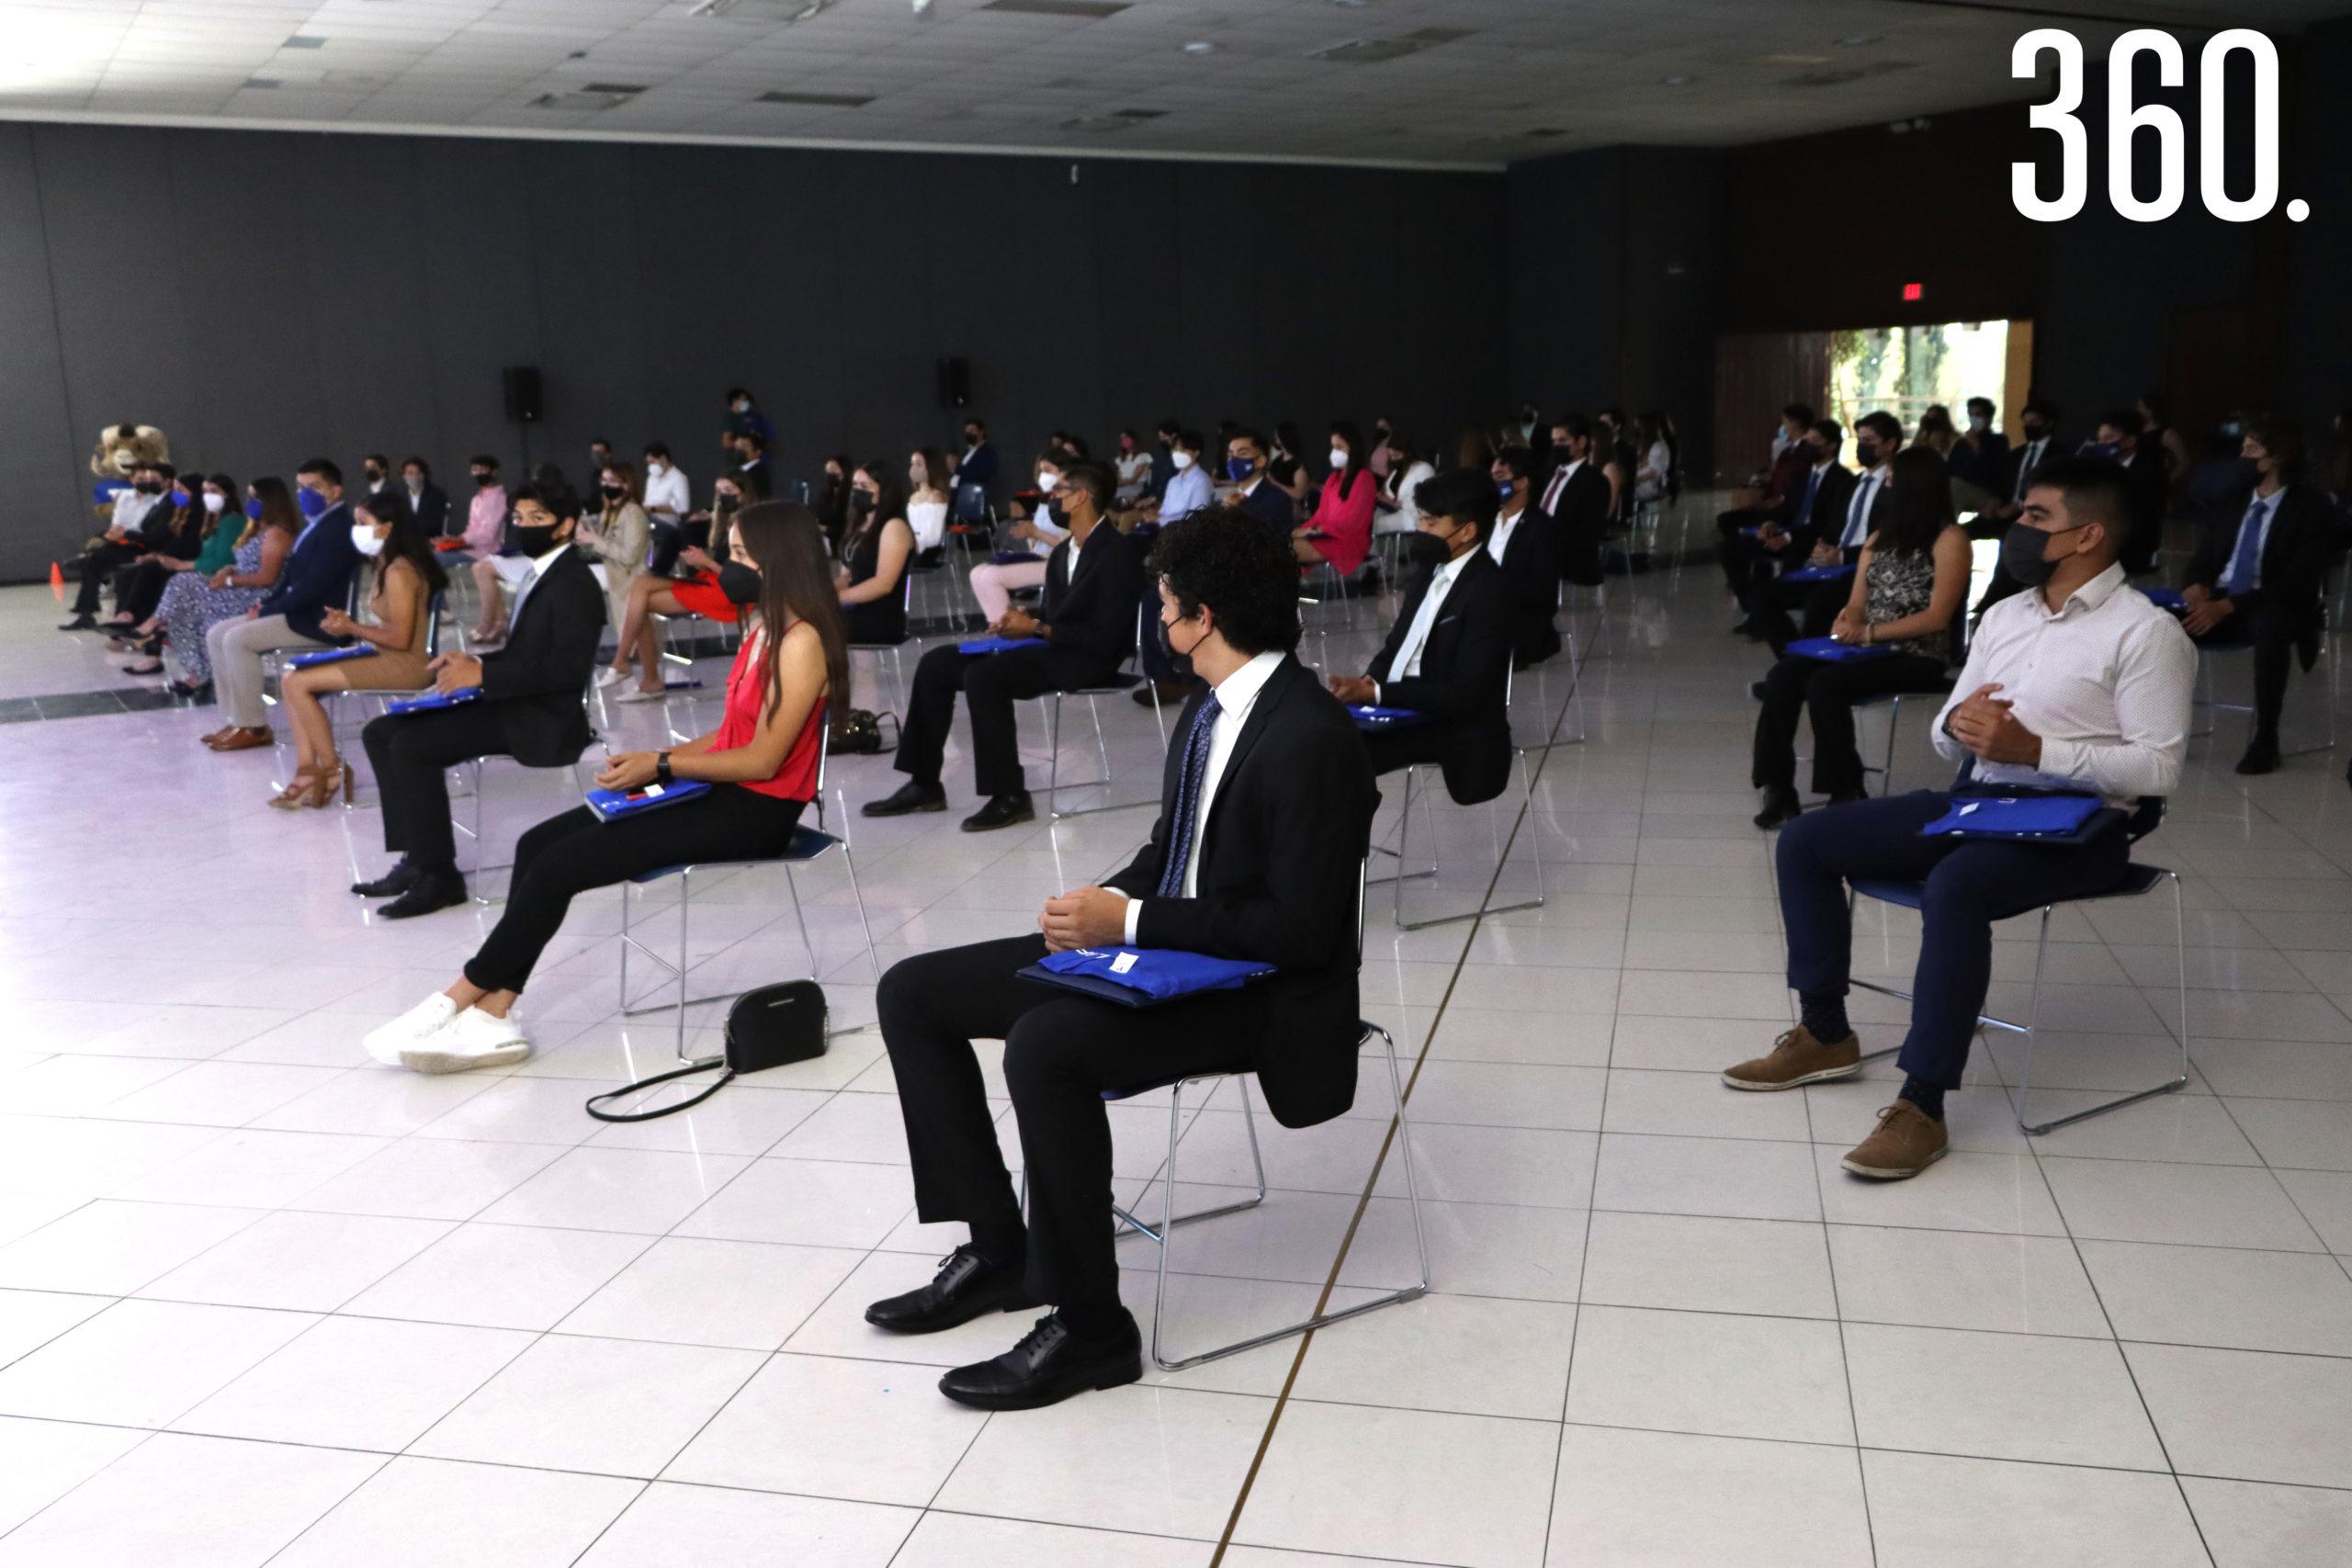 Los becarios de las áreas de Liderazgo y Vivencia, Atlético y Deportivo; y Arte y Cultura participaron en el evento bajo estrictas normas sanitarias de sana distancia y uso de antibacterial.